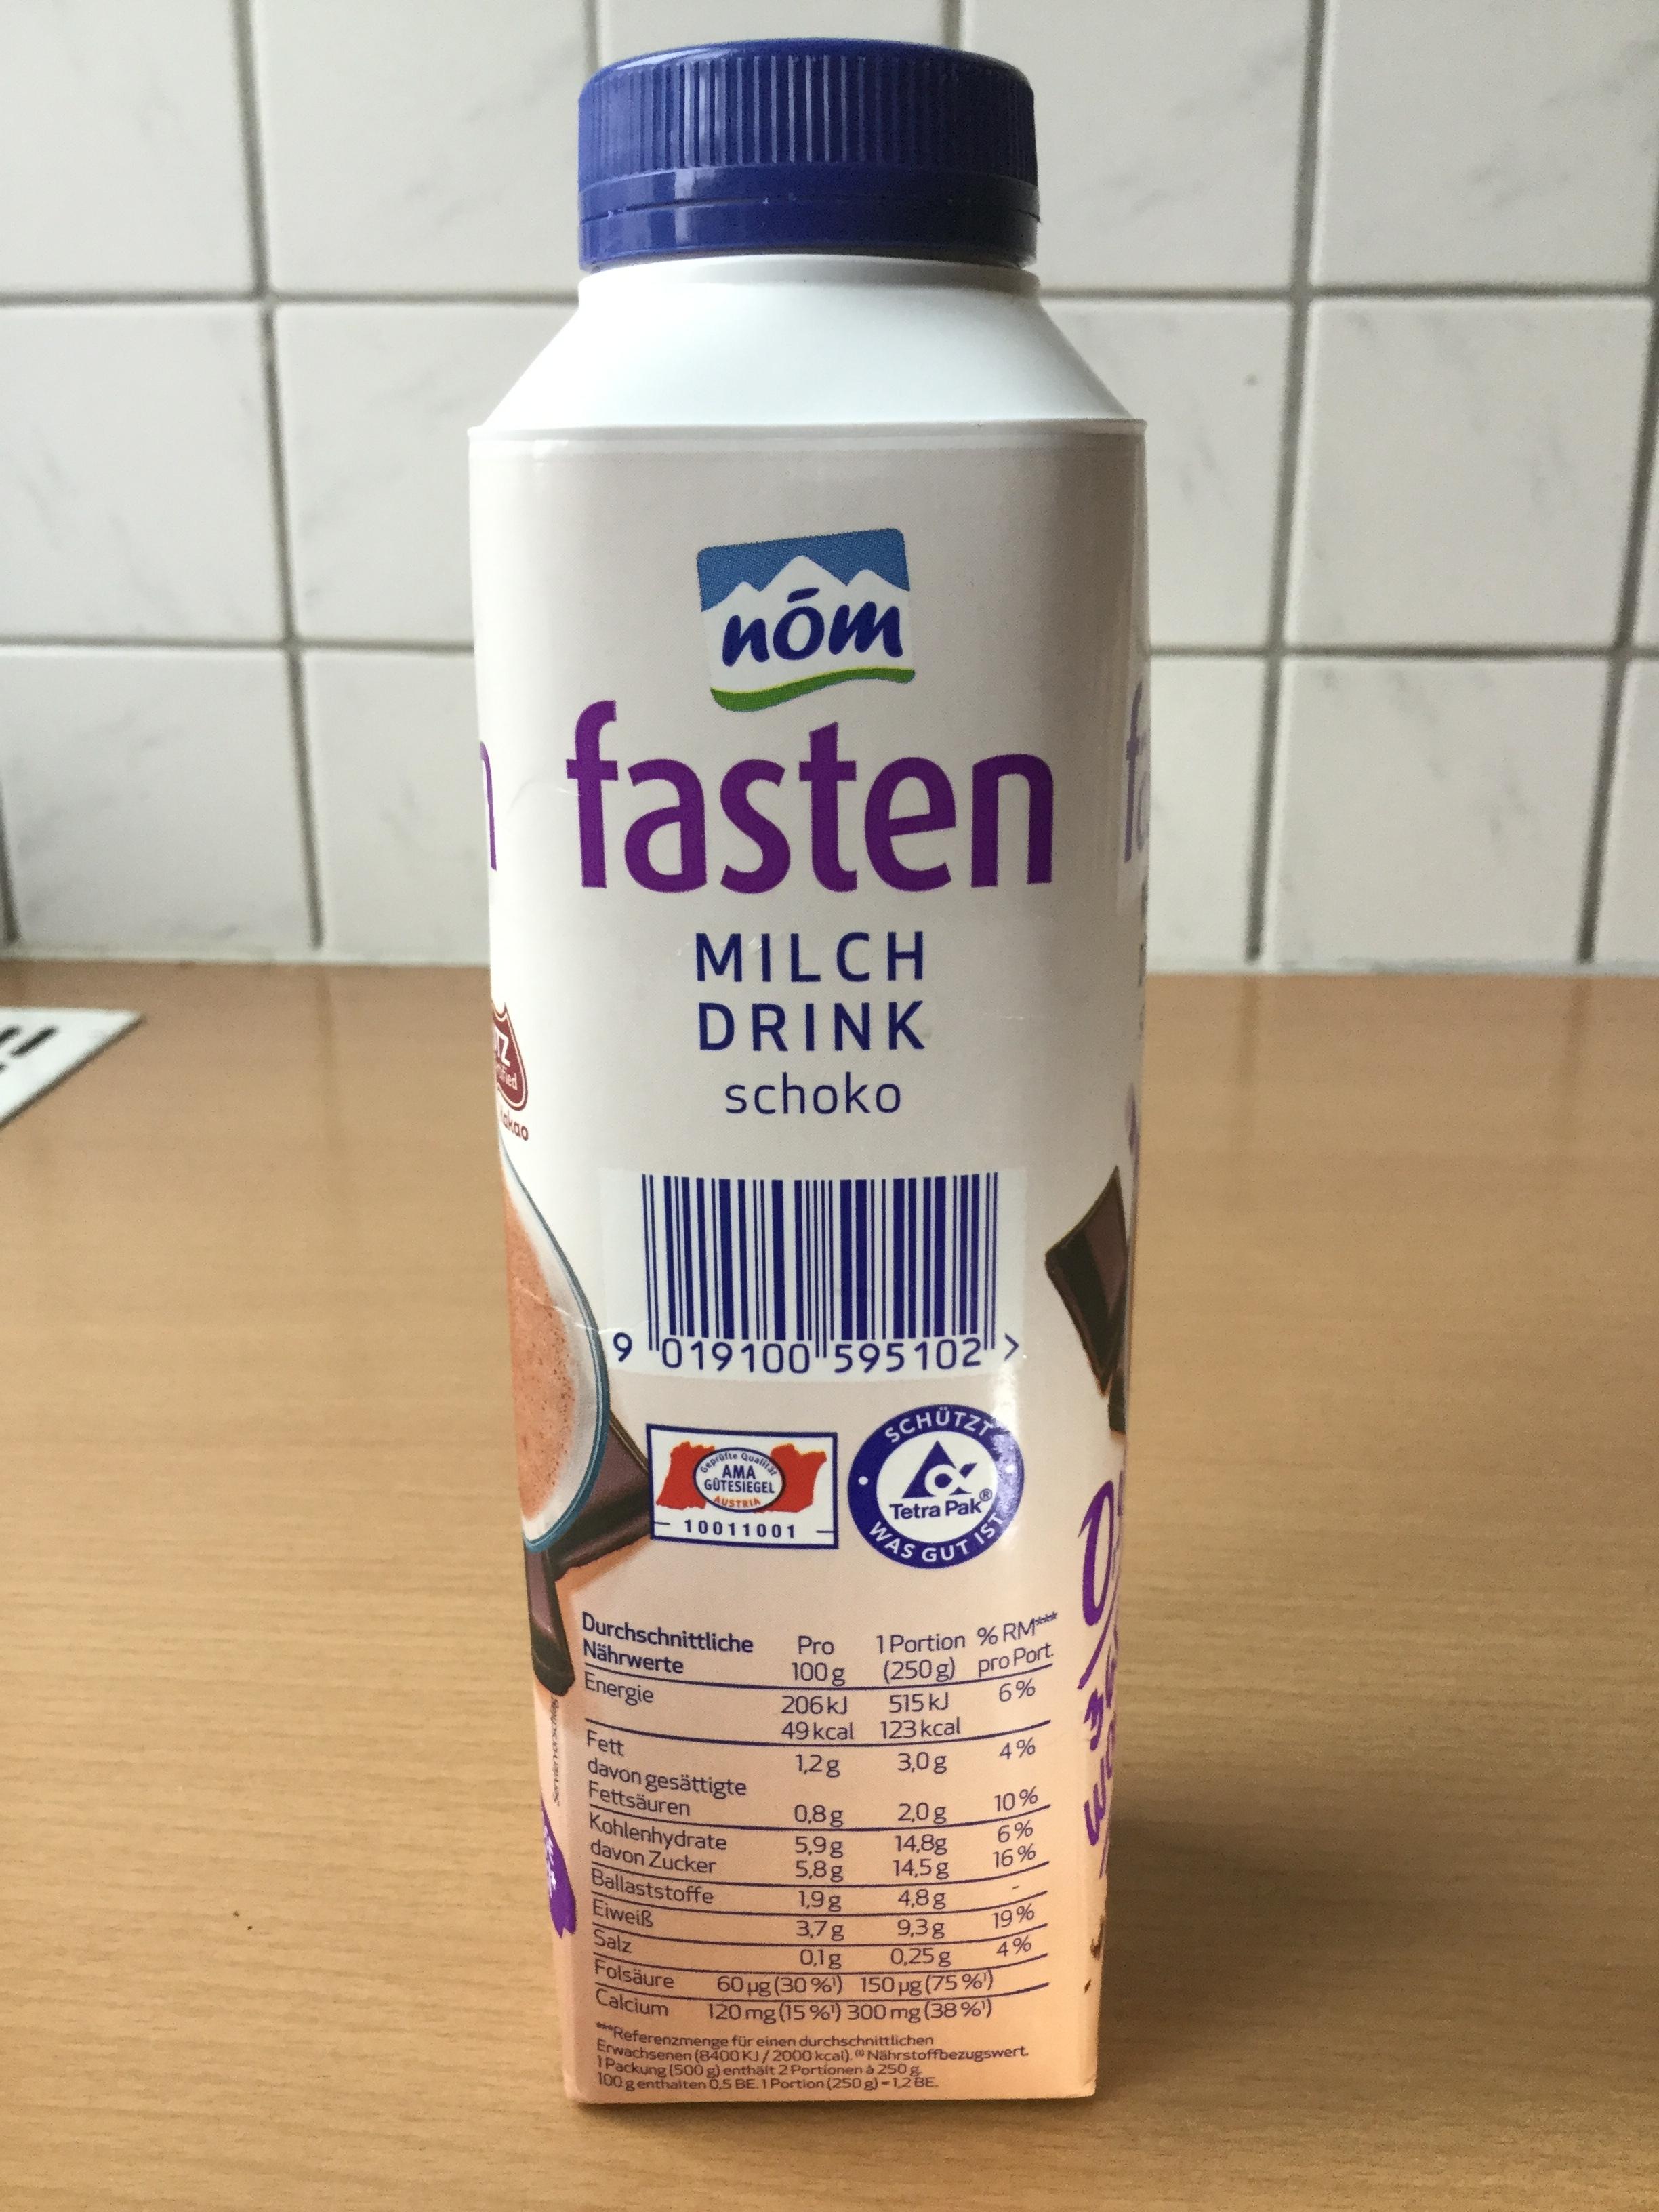 Nom Fasten Milch Drink Schoko Side 1